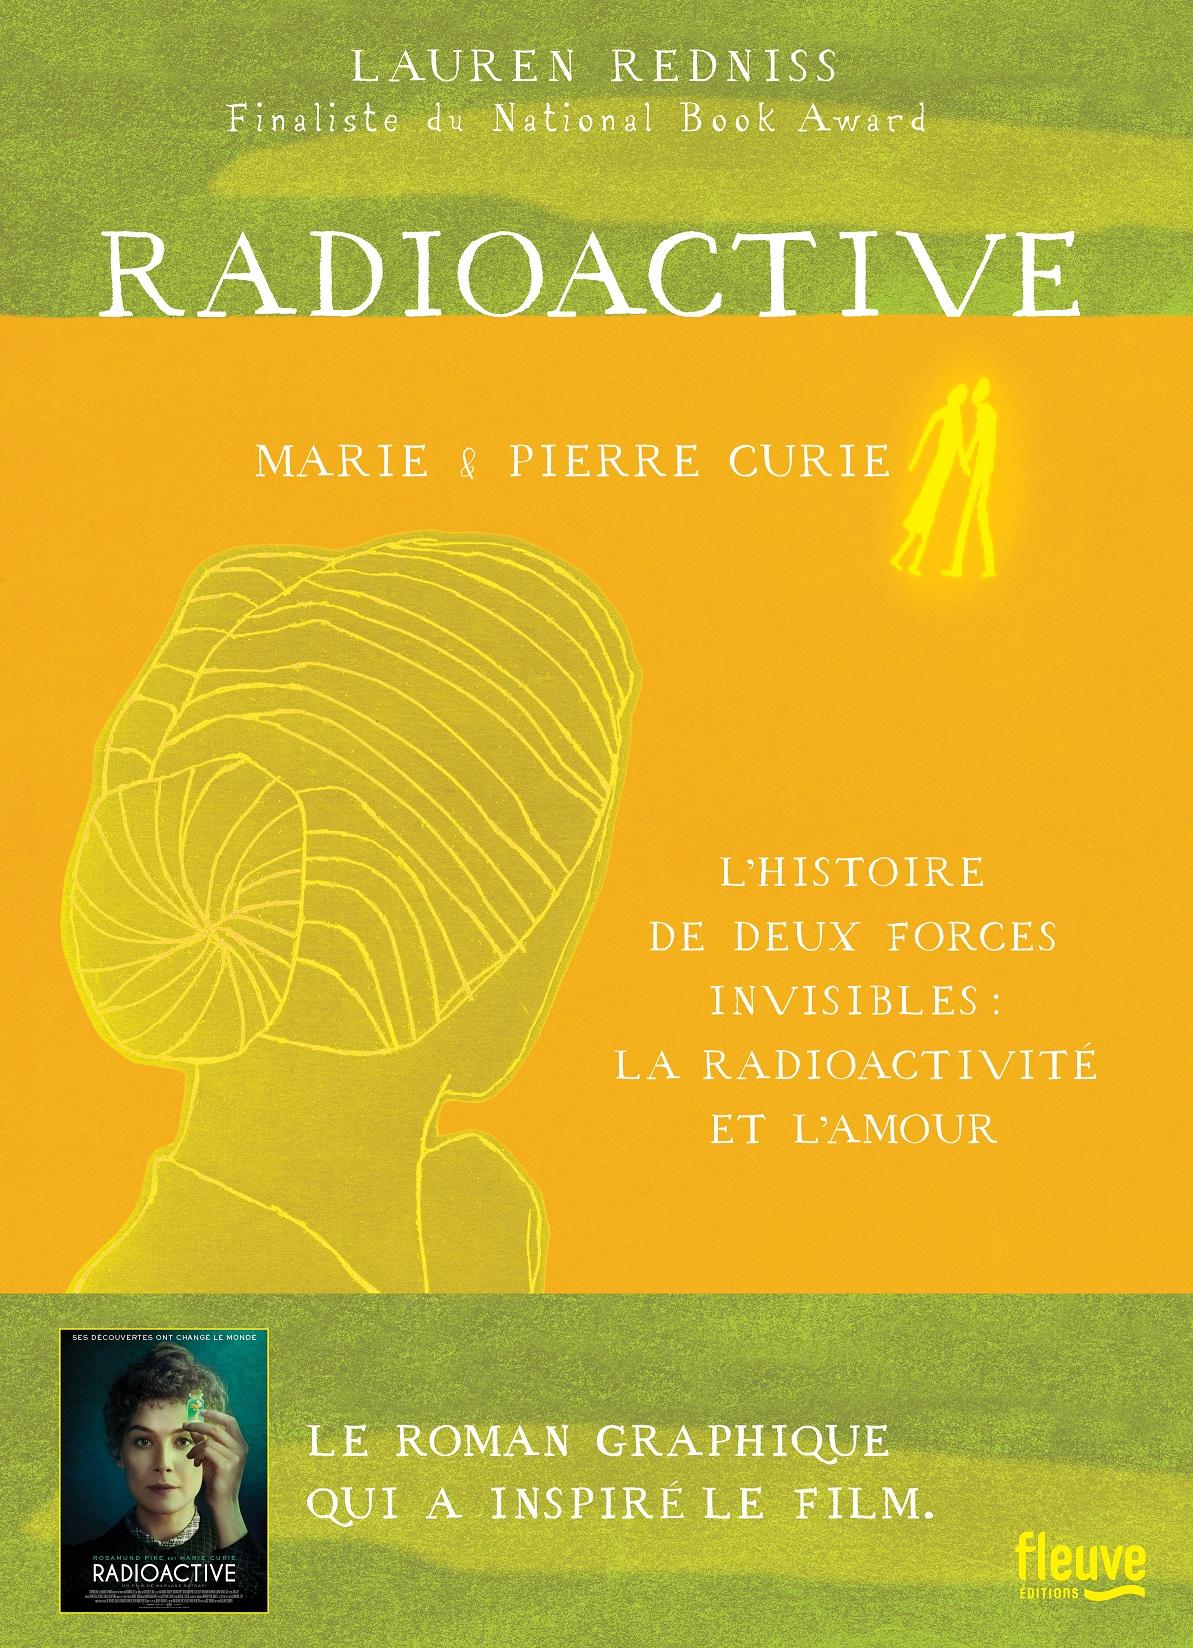 Radioactive_Lauren_Redniss